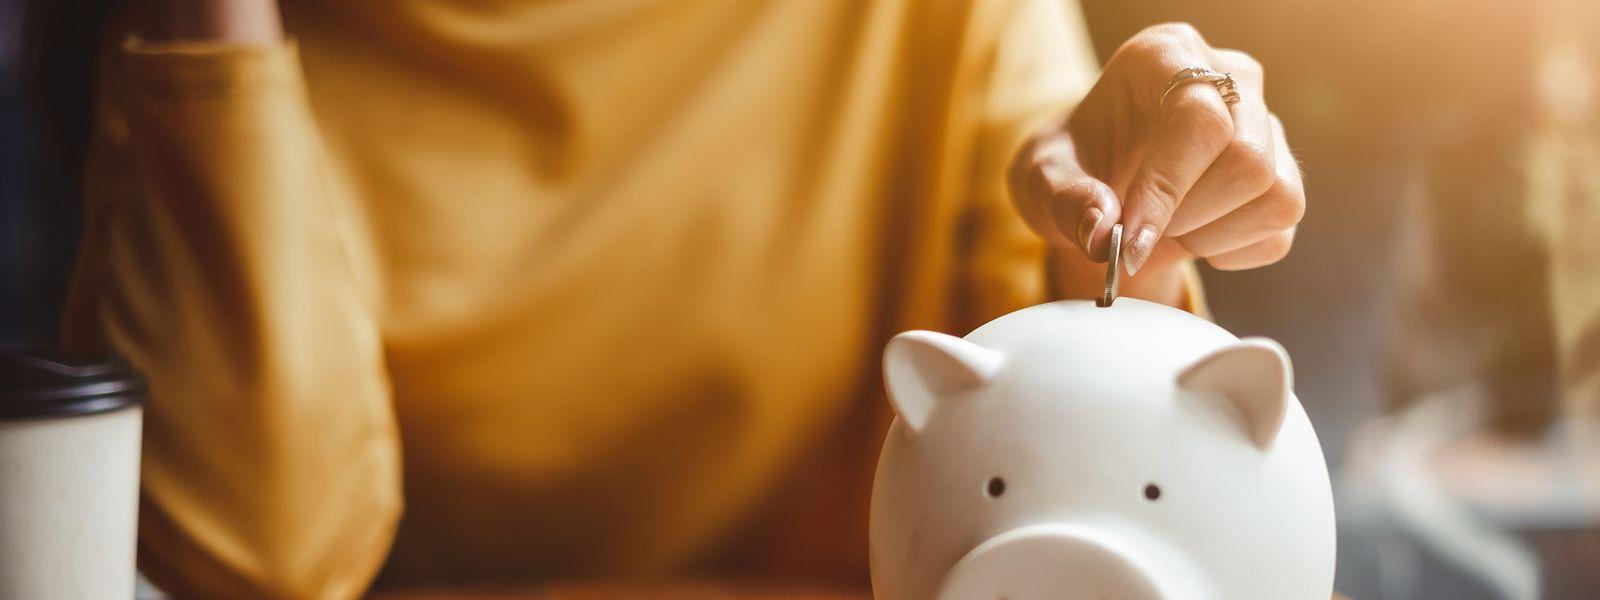 Ein Vermögen mithilfe des Sparschweins ansammeln ist in Zeiten extrem niedriger Zinsen schwer.